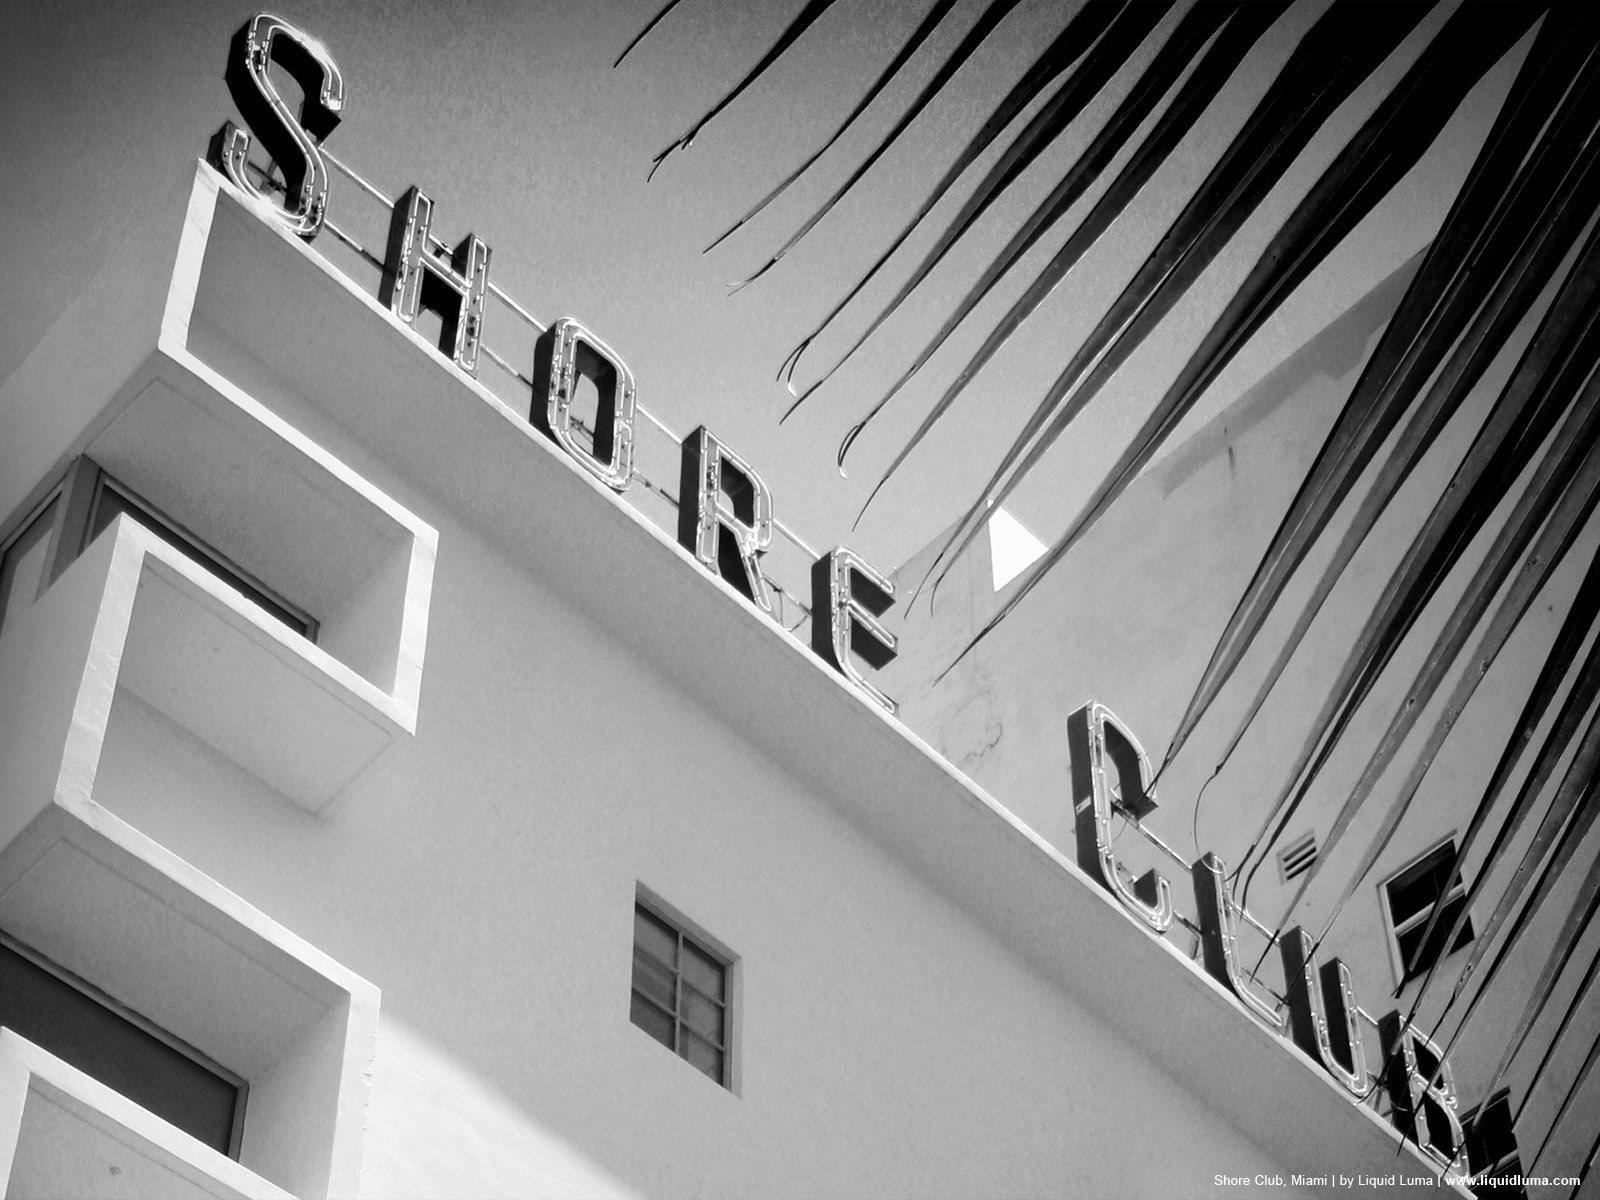 壁纸1600×1200纯粹的光影美学 人文建筑黑白摄影壁纸 Shore Club Miami 迈阿密海岸俱乐部桌面壁纸壁纸 纯粹的光影美学人文建筑黑白摄影壁纸壁纸图片人文壁纸人文图片素材桌面壁纸